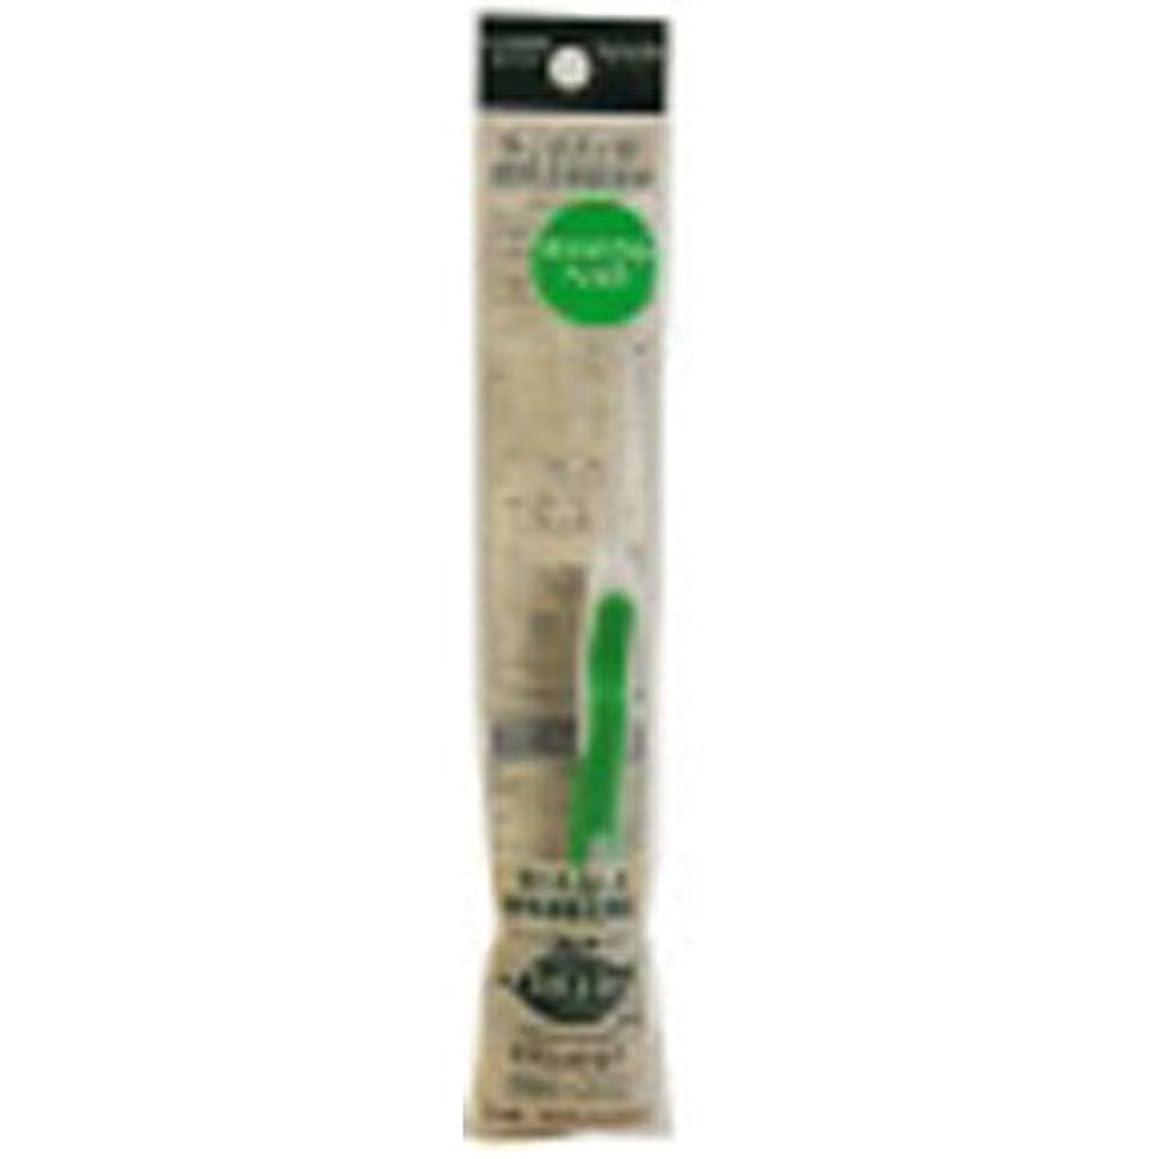 勧告意義通行料金サレド ヘッド交換式歯ブラシ お試しセット コンパクトヘッド グリーン